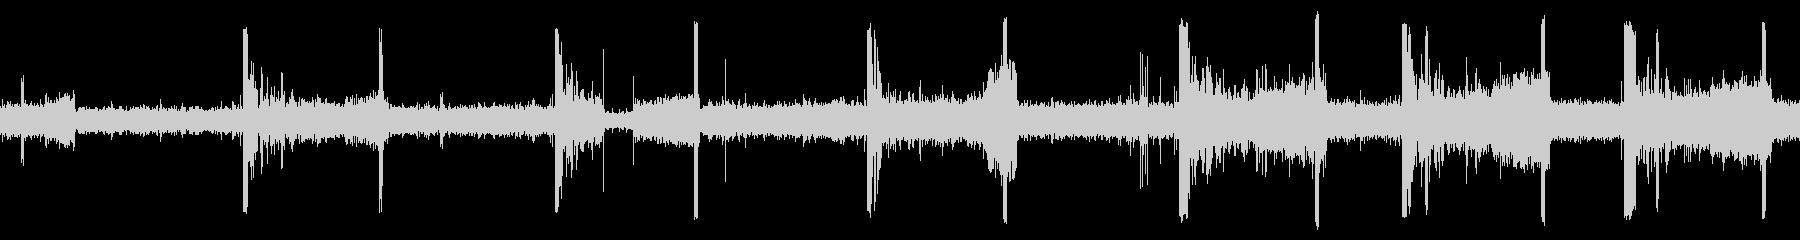 潜水艦コントロール、ビープ音の未再生の波形